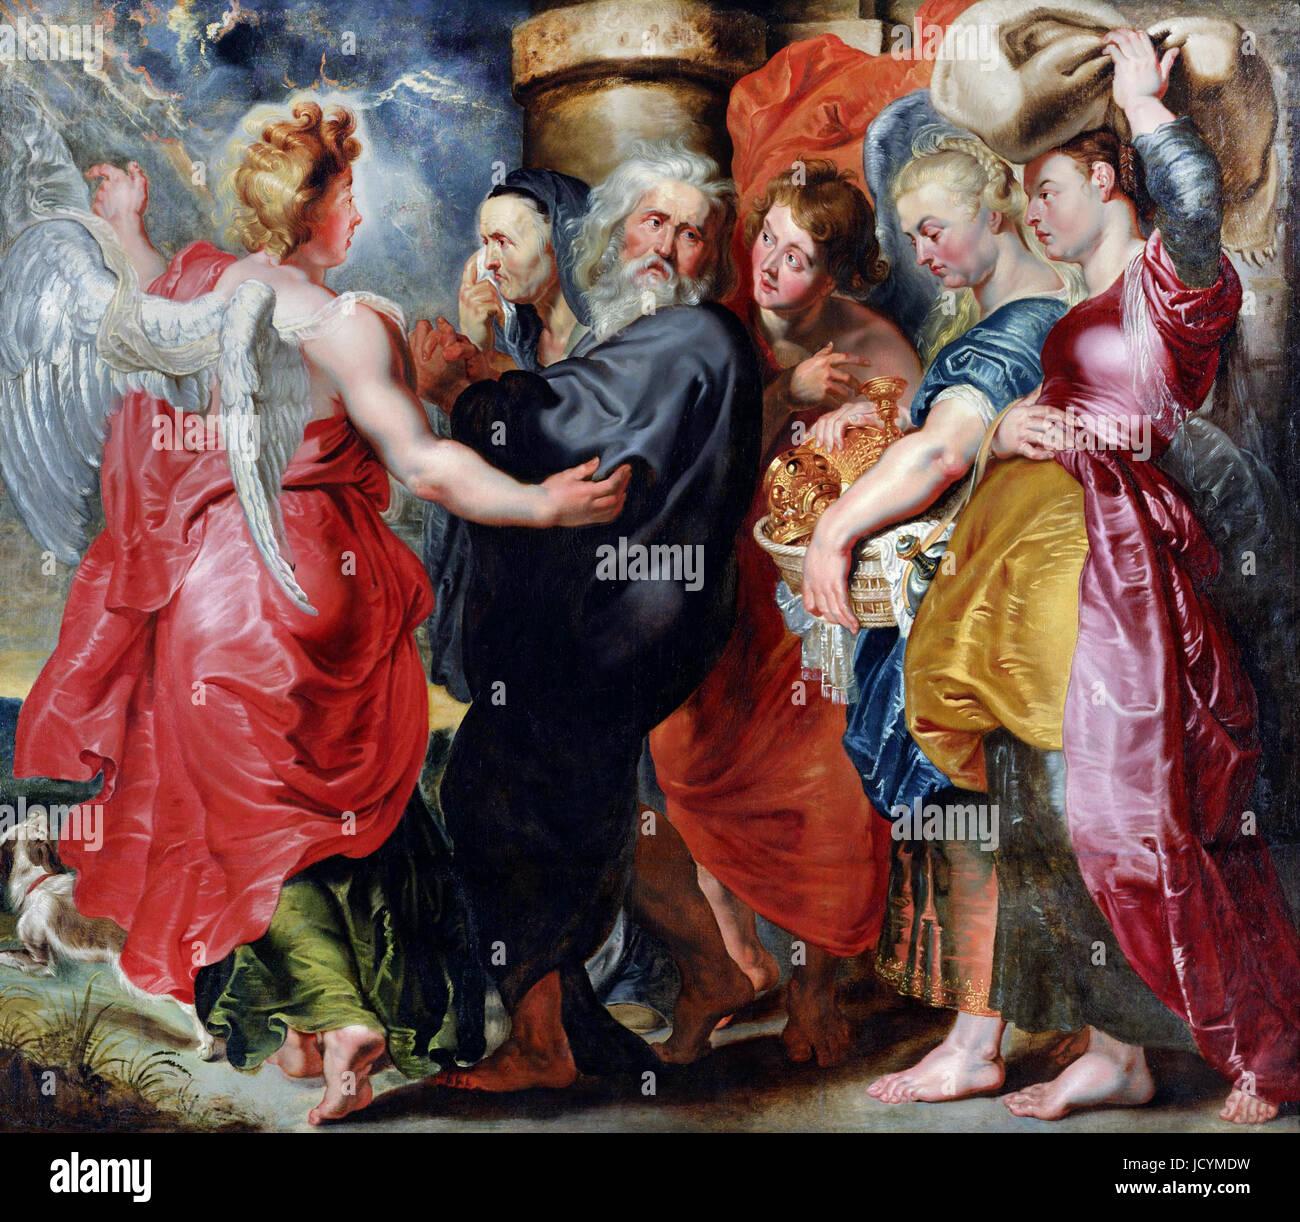 Jacob Jordaens, die Flucht von Lot und seiner Familie aus Sodom (nach Rubens). Ca. 1618-20. Öl auf Leinwand. Stockbild